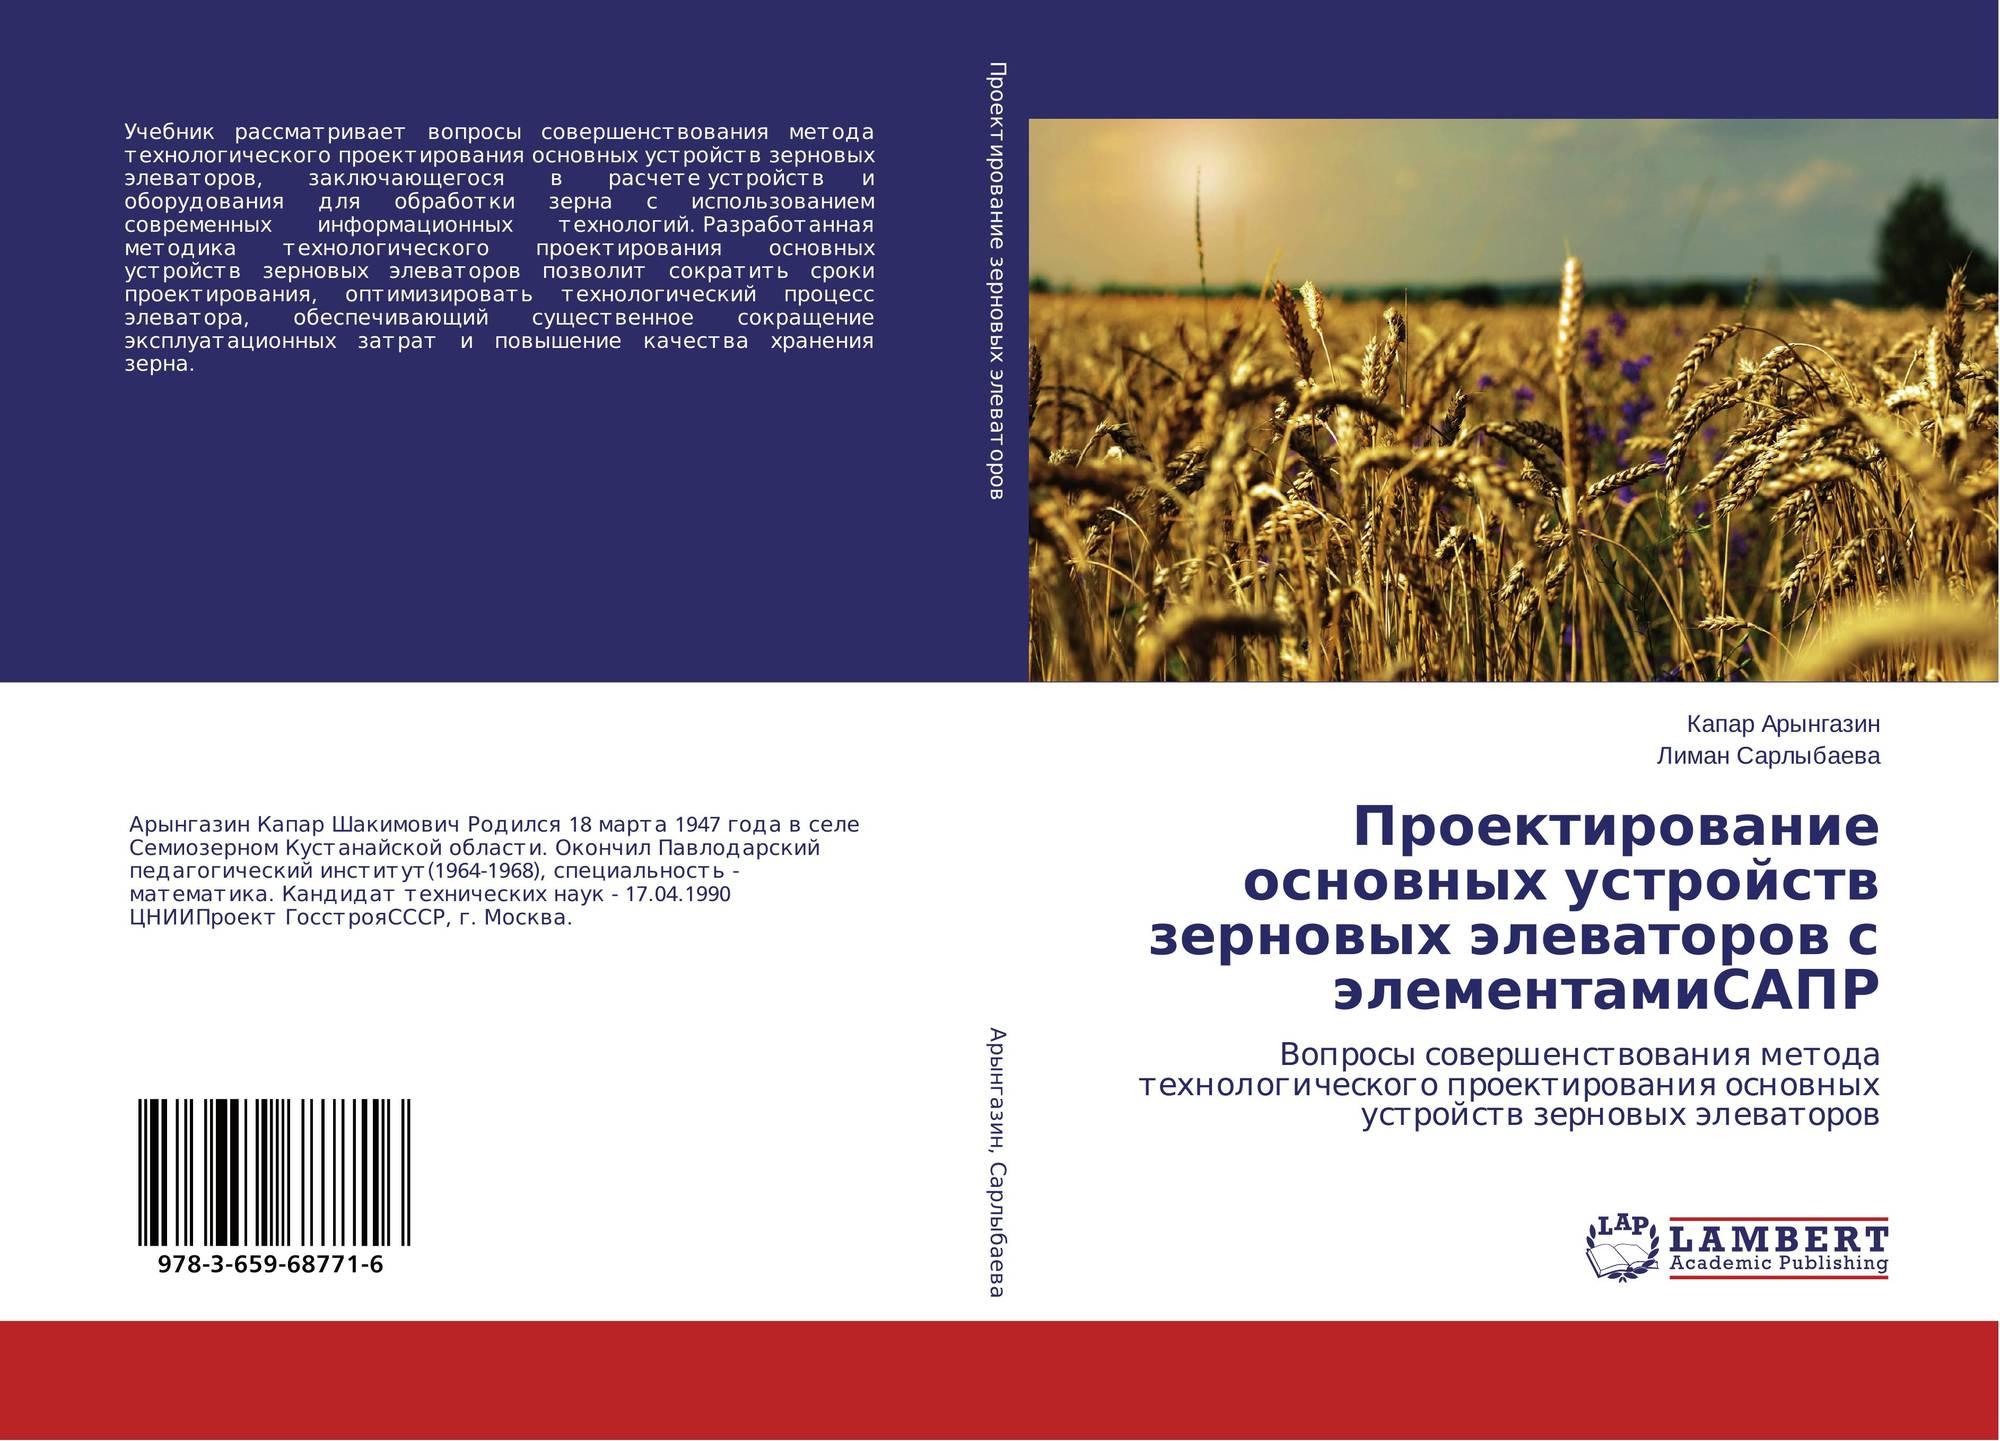 учебник зерновые элеваторы